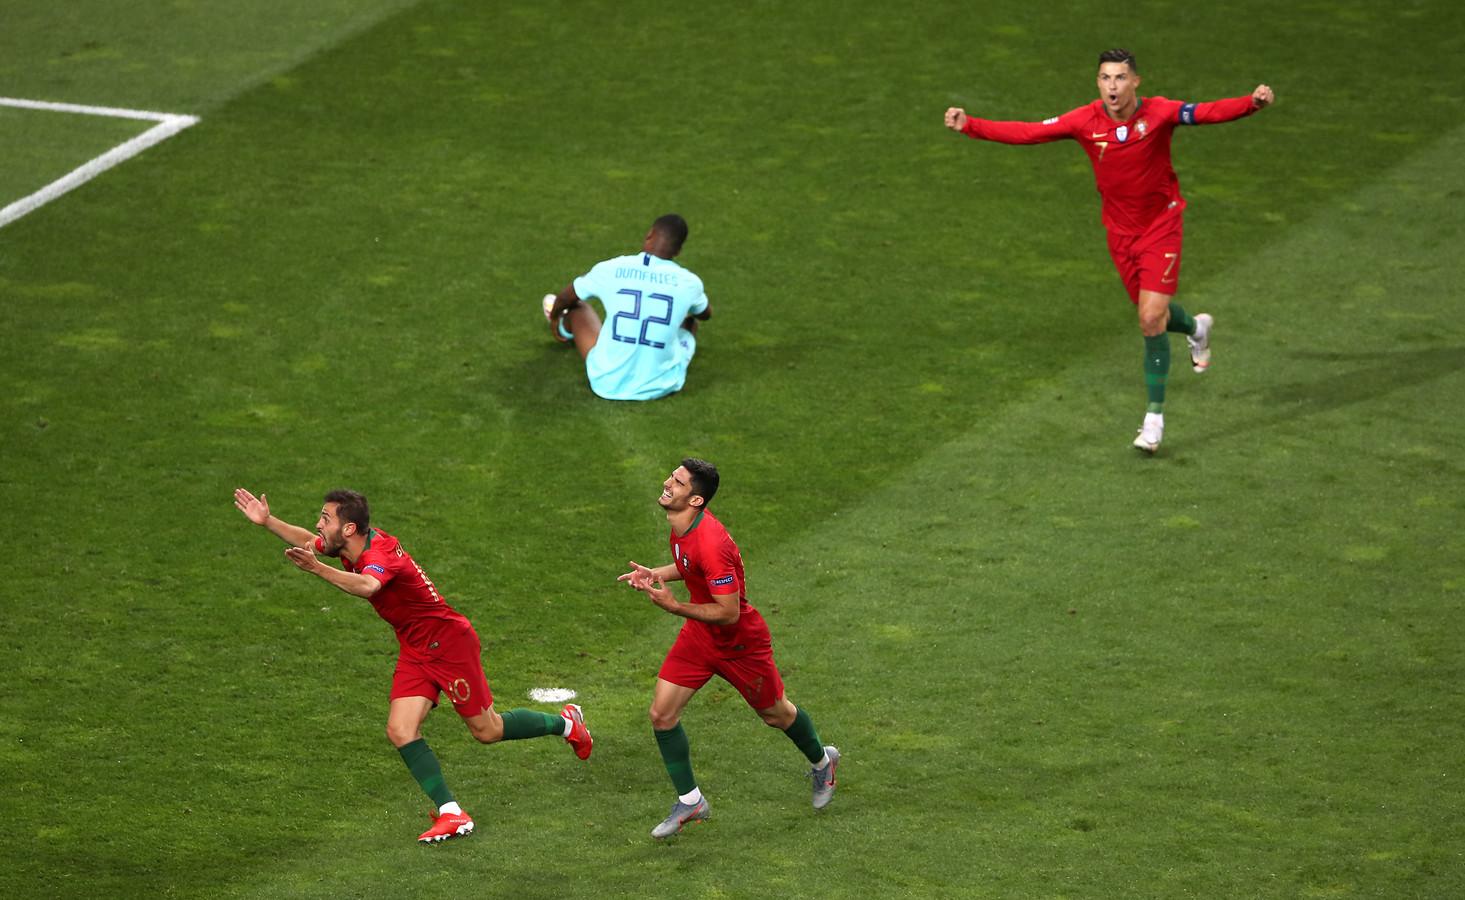 Portugal scoort tegen Oranje: doelpuntenmaker is Goncalo Guedes (midden).